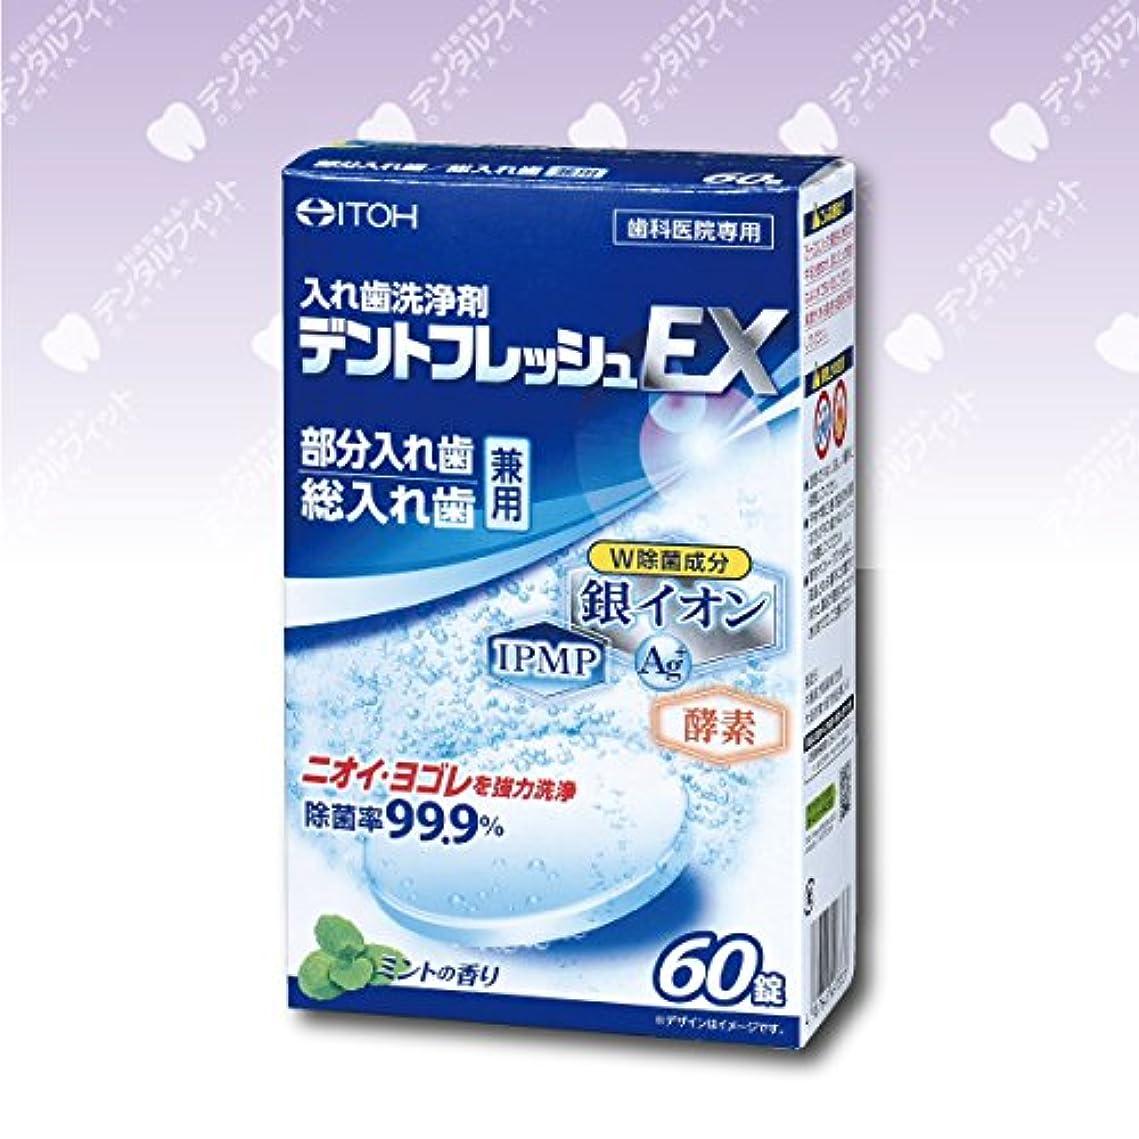 職人接辞説明入れ歯洗浄剤 デントフレッシュEX 1箱(60錠)